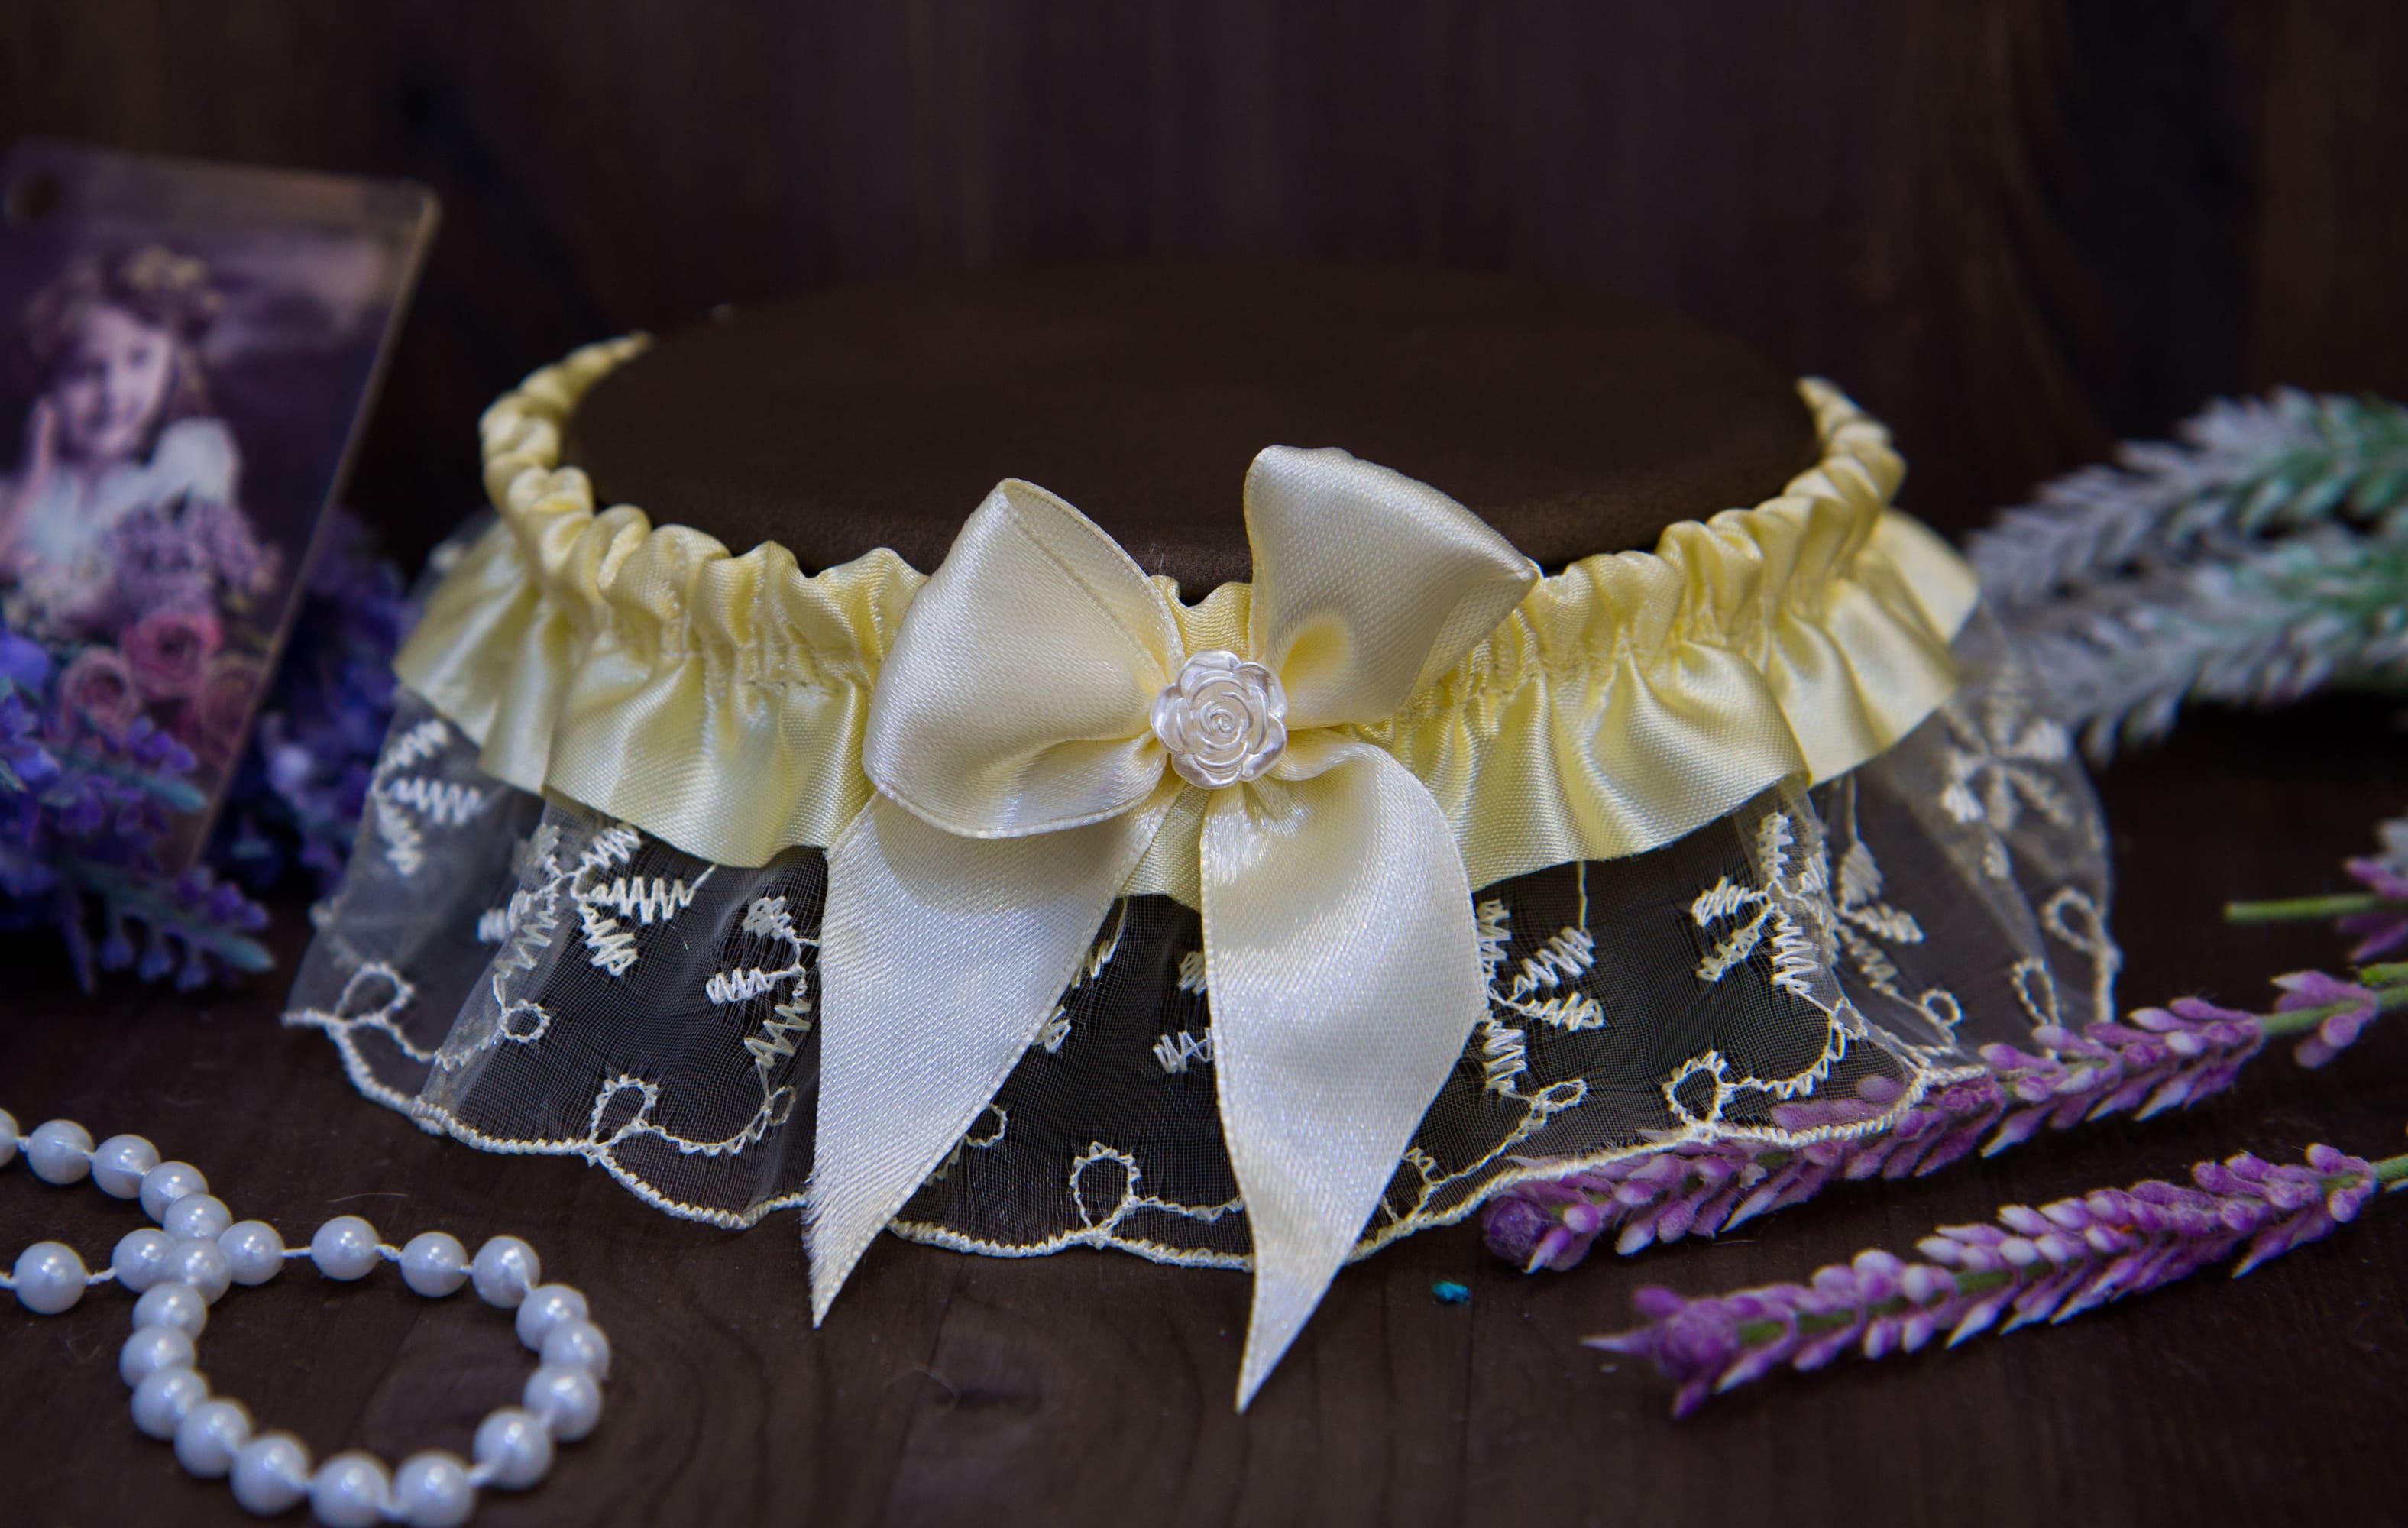 Прозрачная кружевная подвязка, декорированная кремовой лентой и бантом.